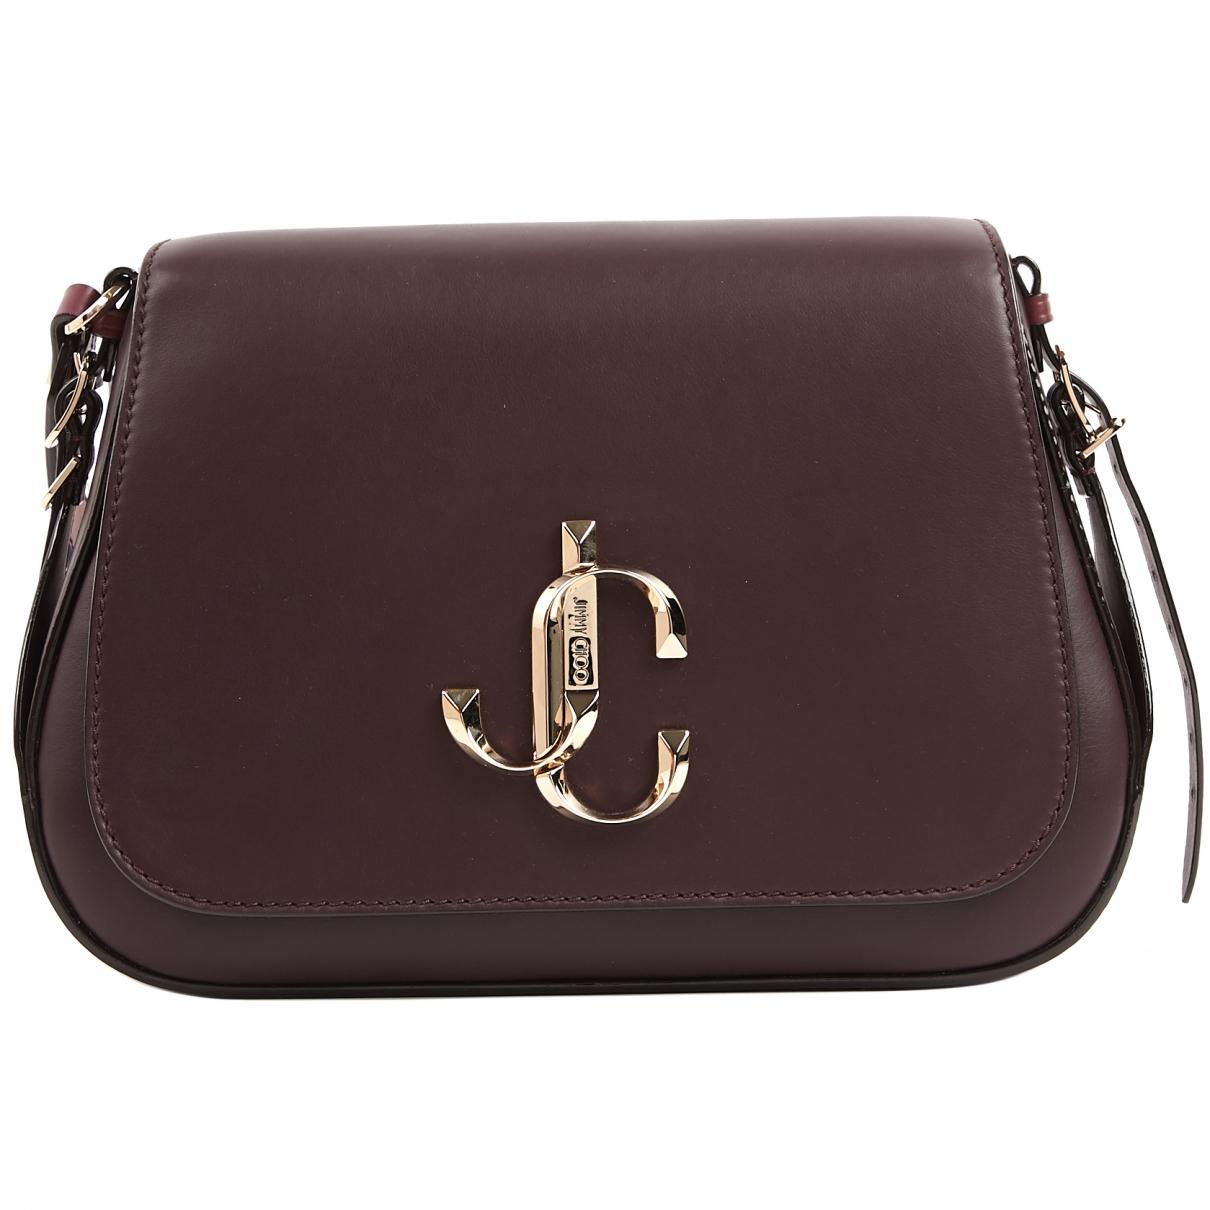 Jimmy Choo \N Burgundy Leather Clutch bag for Women \N